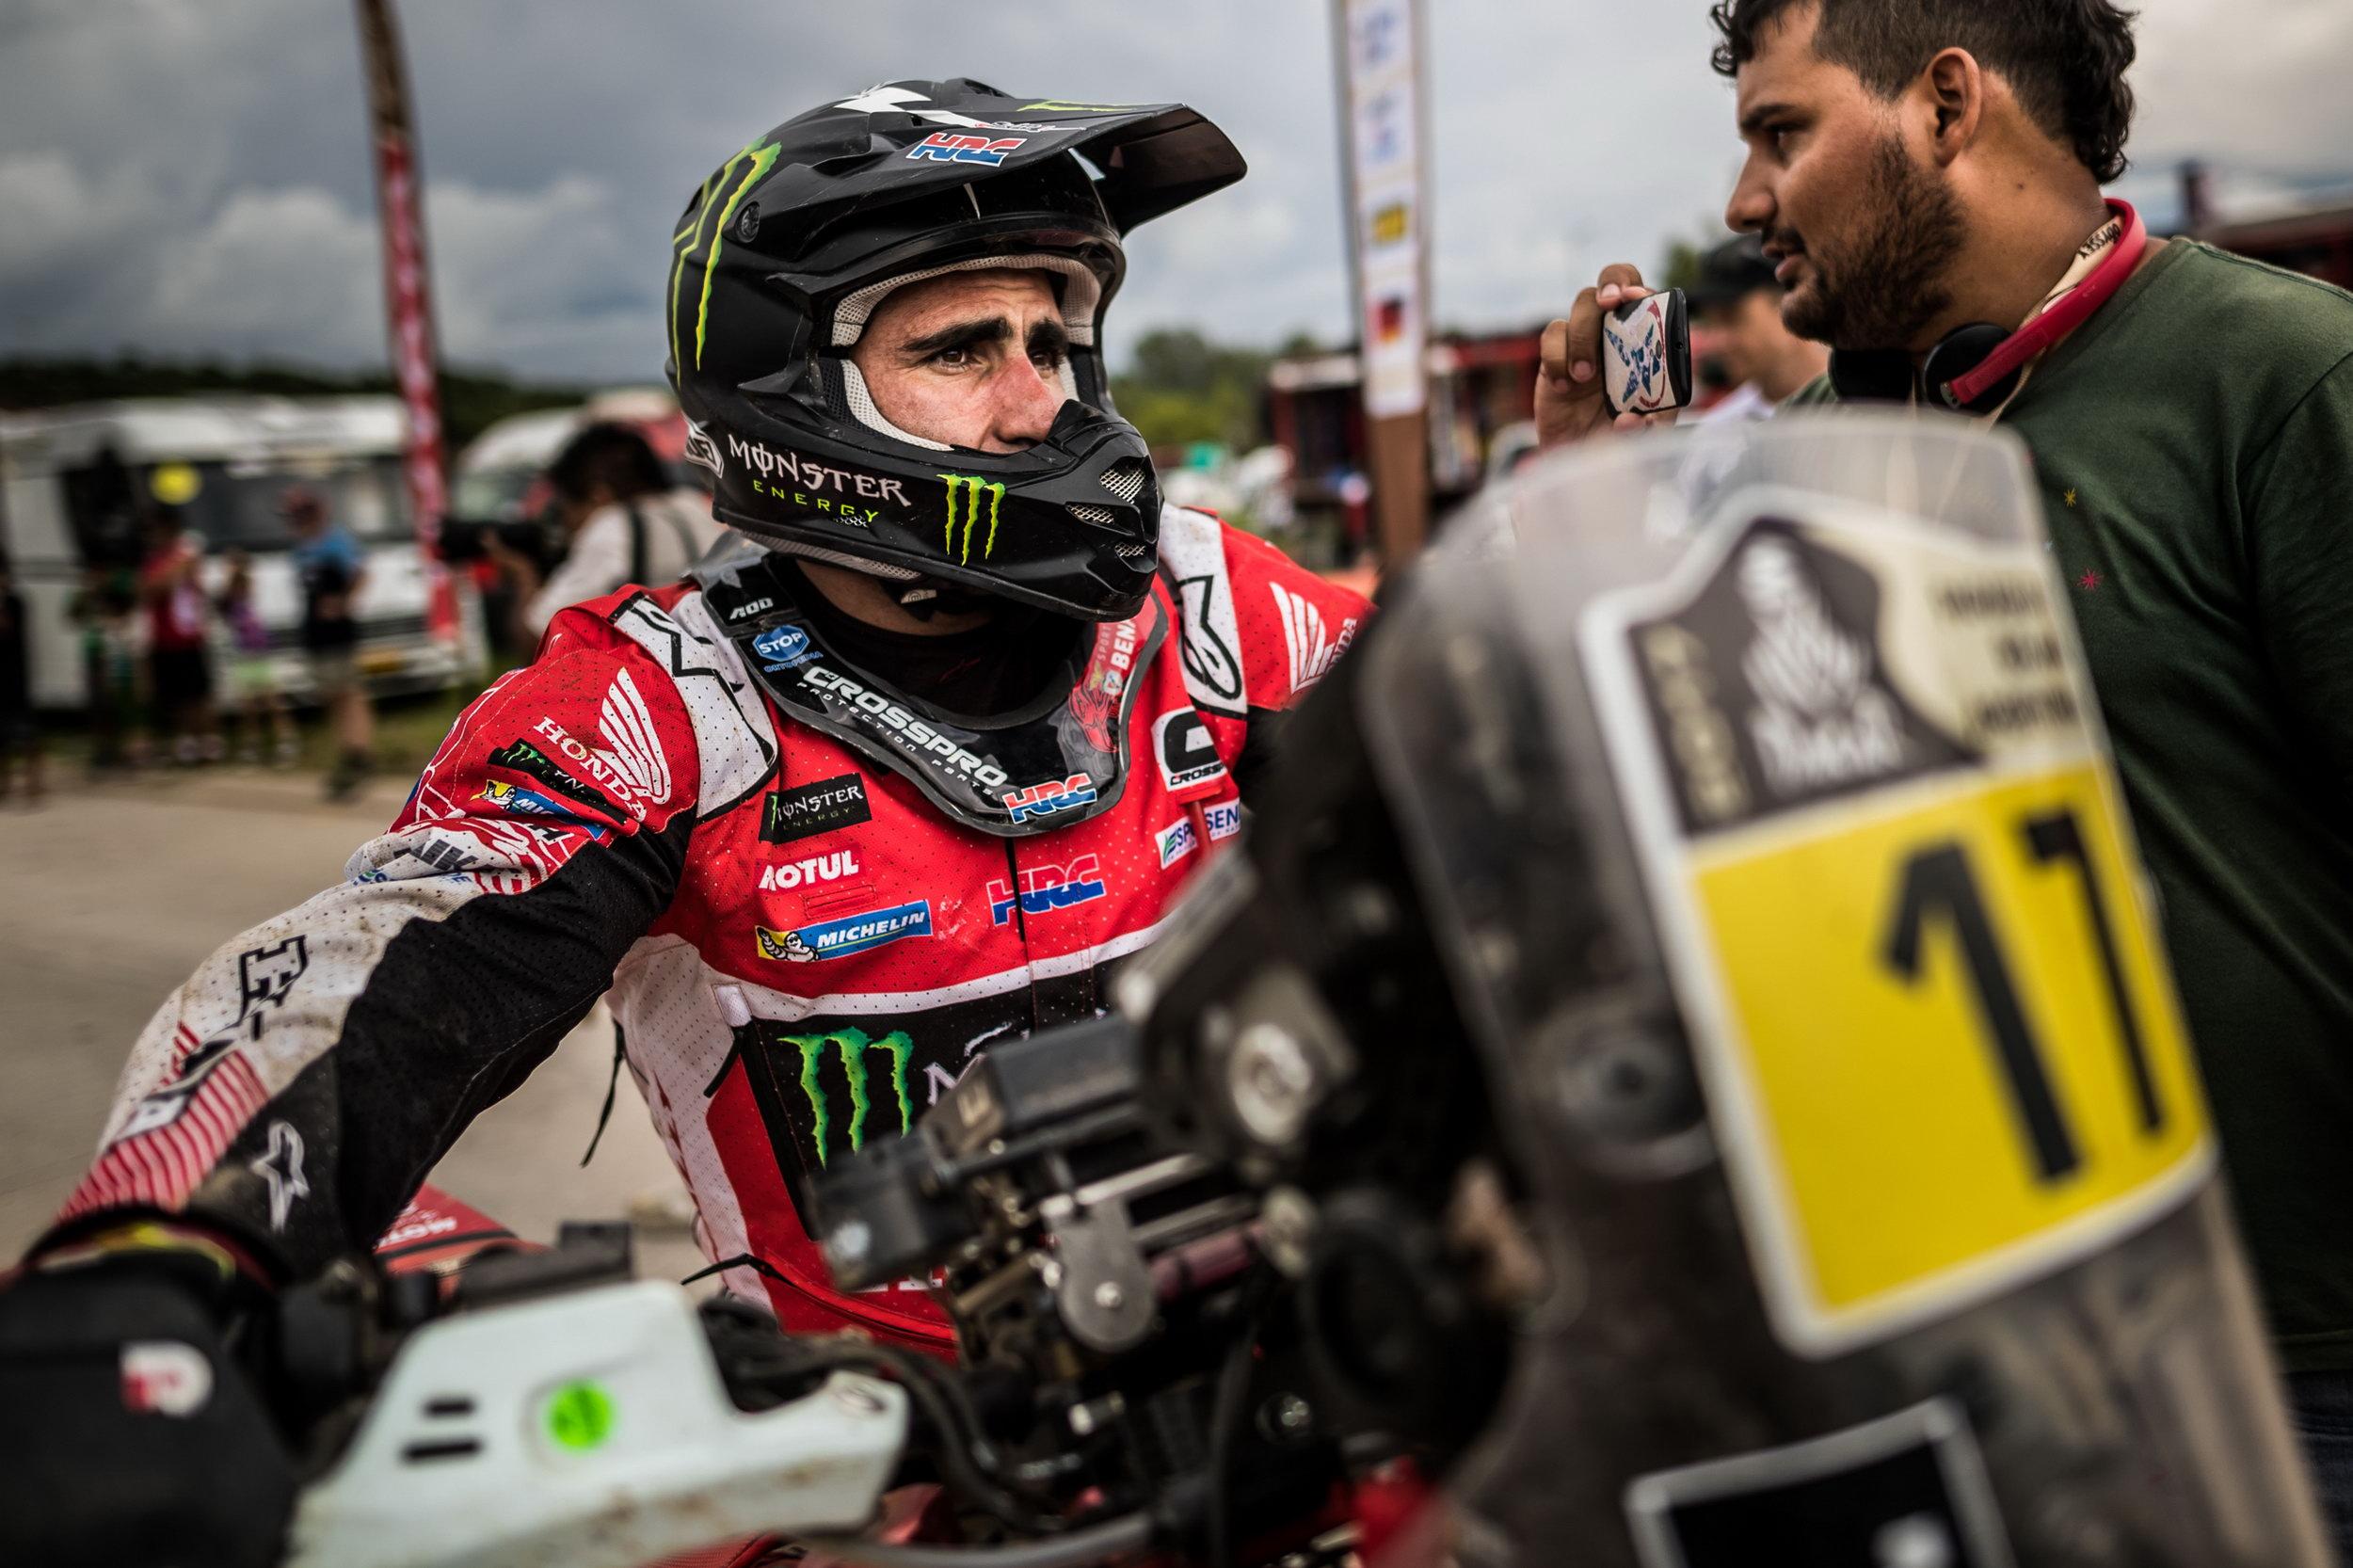 Paulo Gonçalves puxa de mais um ato altruísta para ajudar Toby Price na quarta etapa do Dakar 2017